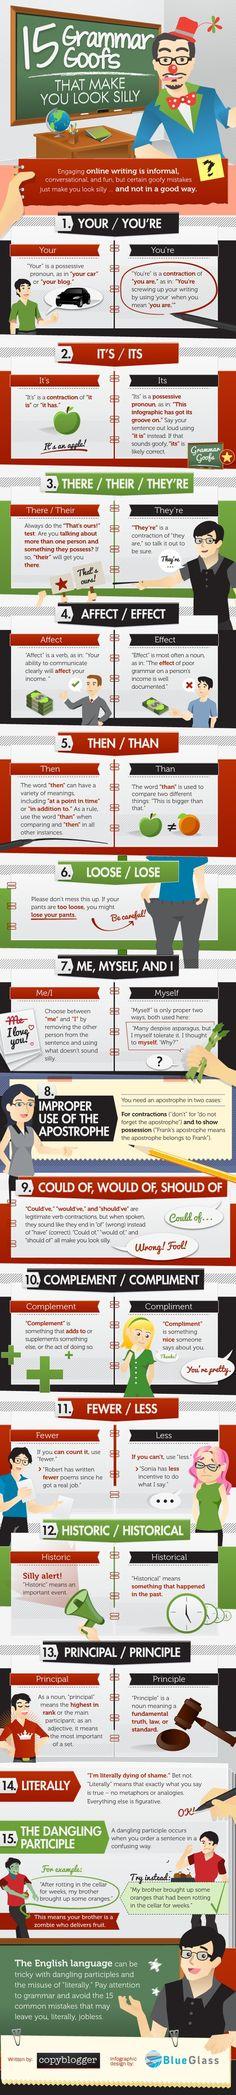 Grammar infographic